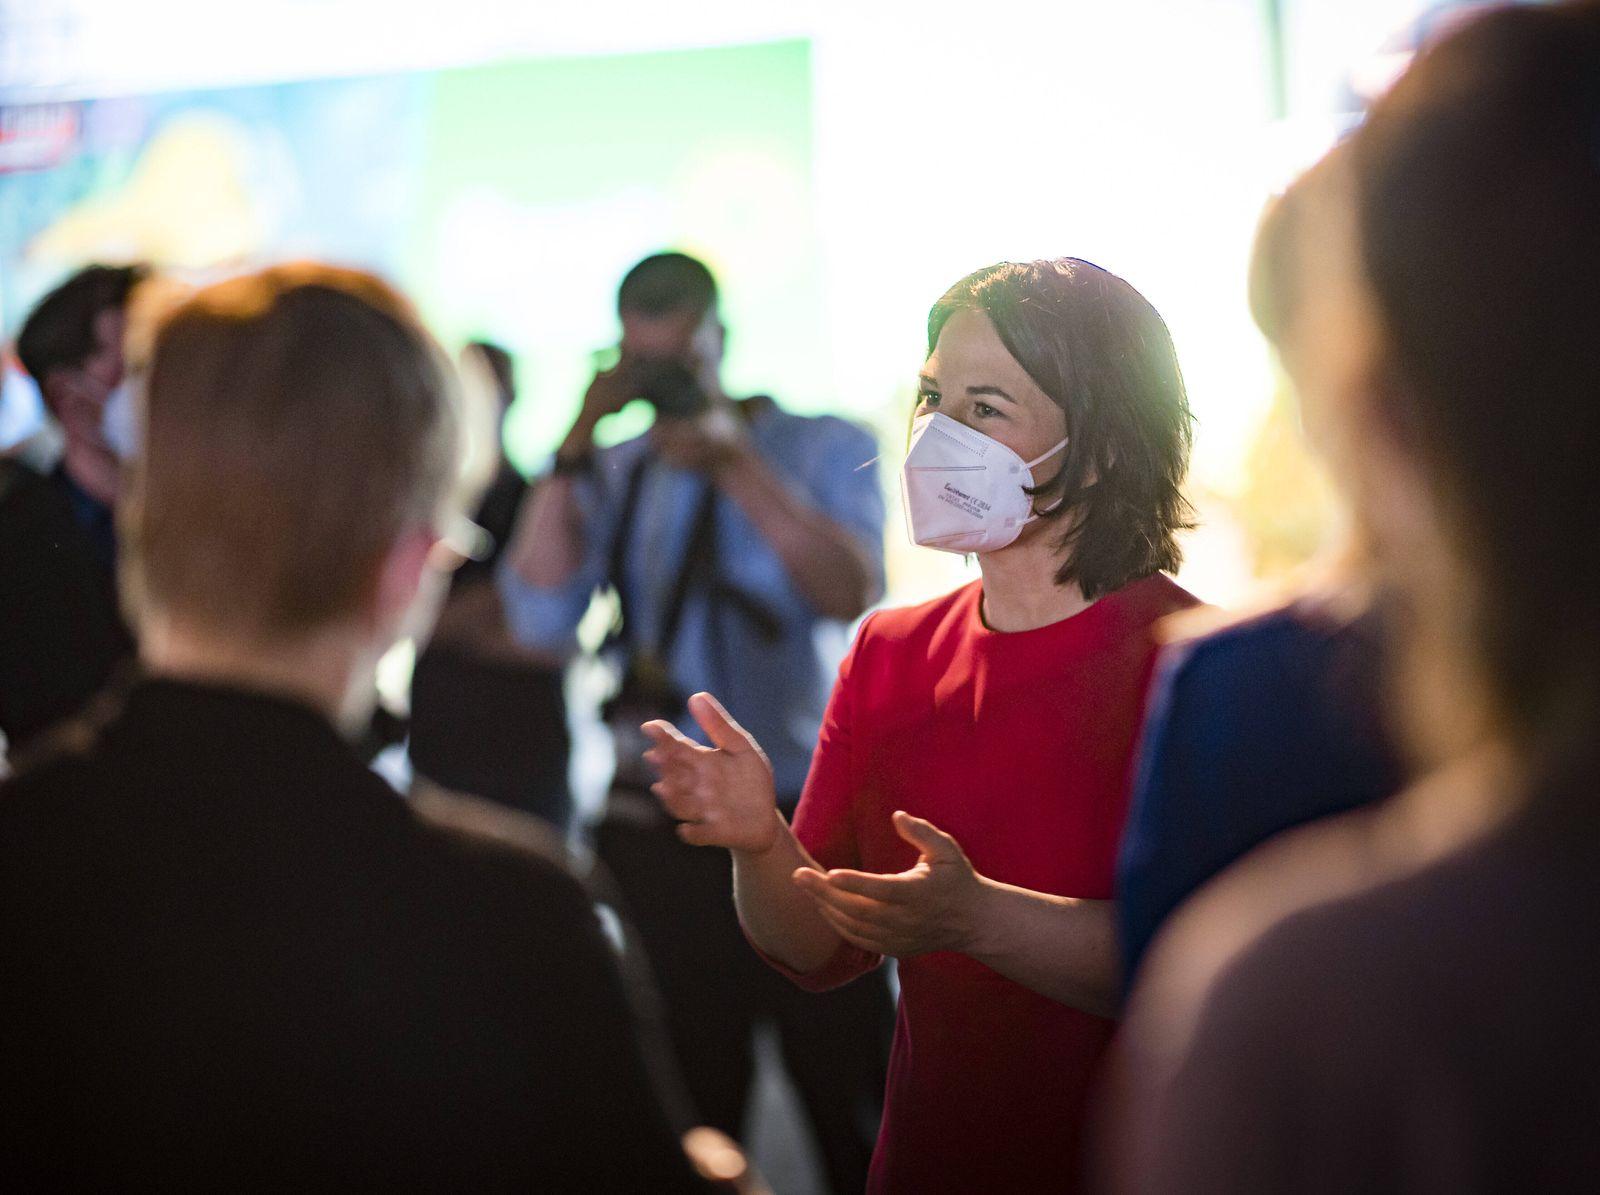 Annalena Baerbock, Kanzlerkandidatin und Bundesvorsitzende Ihrer Partei, aufgenommen im Rahmen des digitalen Parteitages